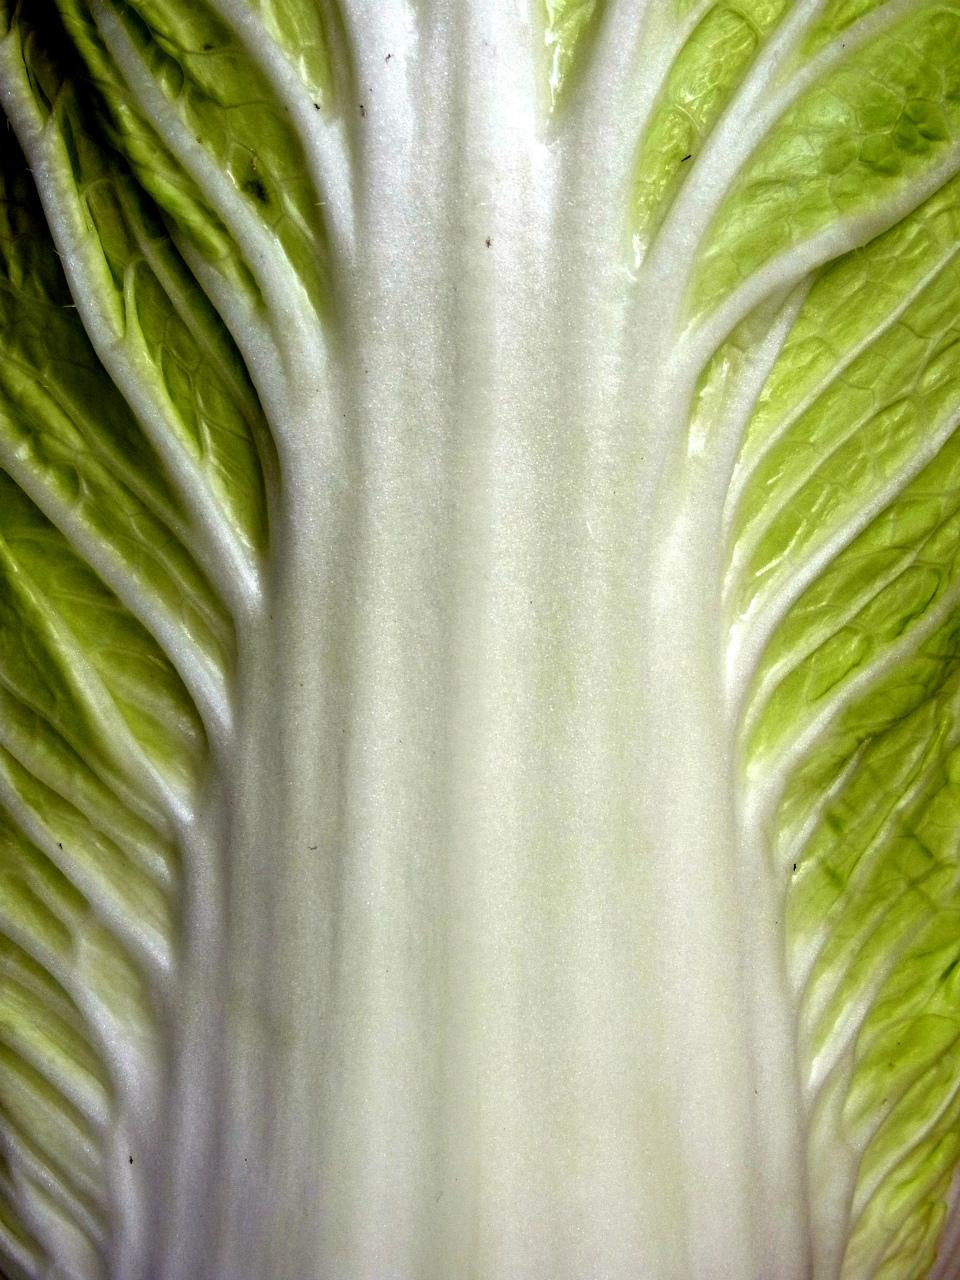 今がチャンス!秋白菜、苗の値段が半額に落ちてた